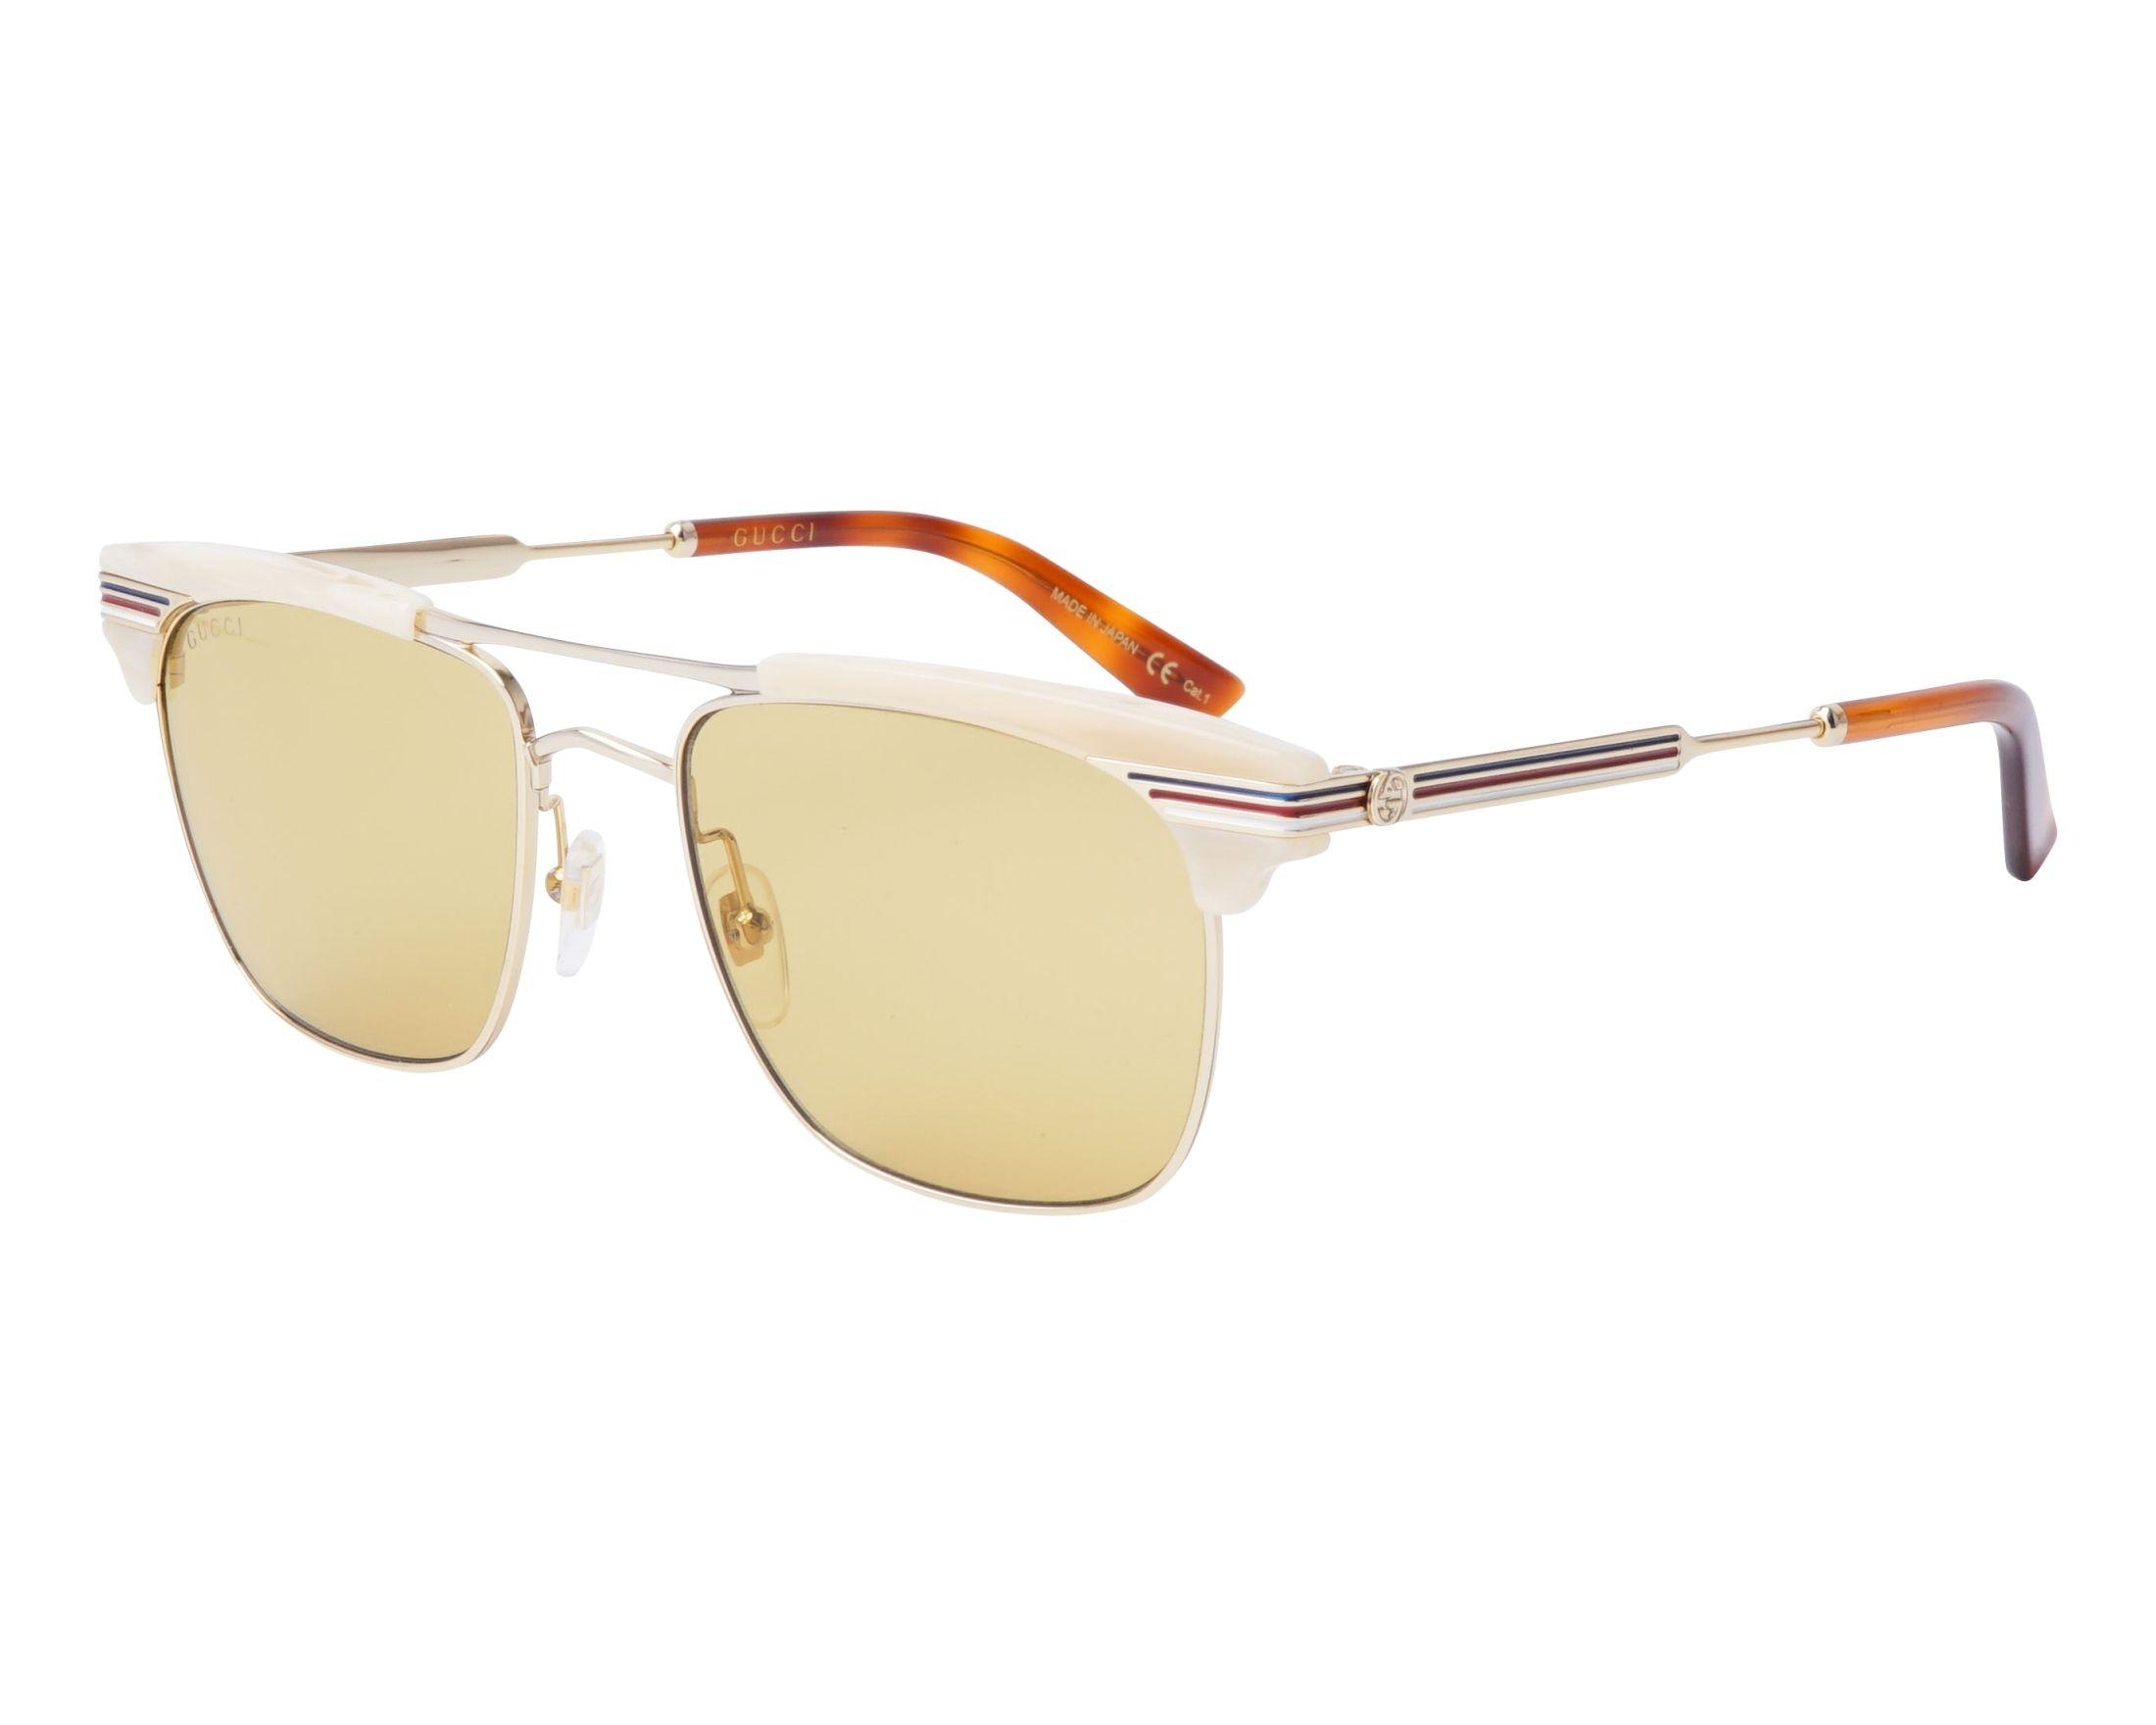 dba4879669a Sunglasses Gucci GG-0287-S 005 52-18 Gold Beige profile view